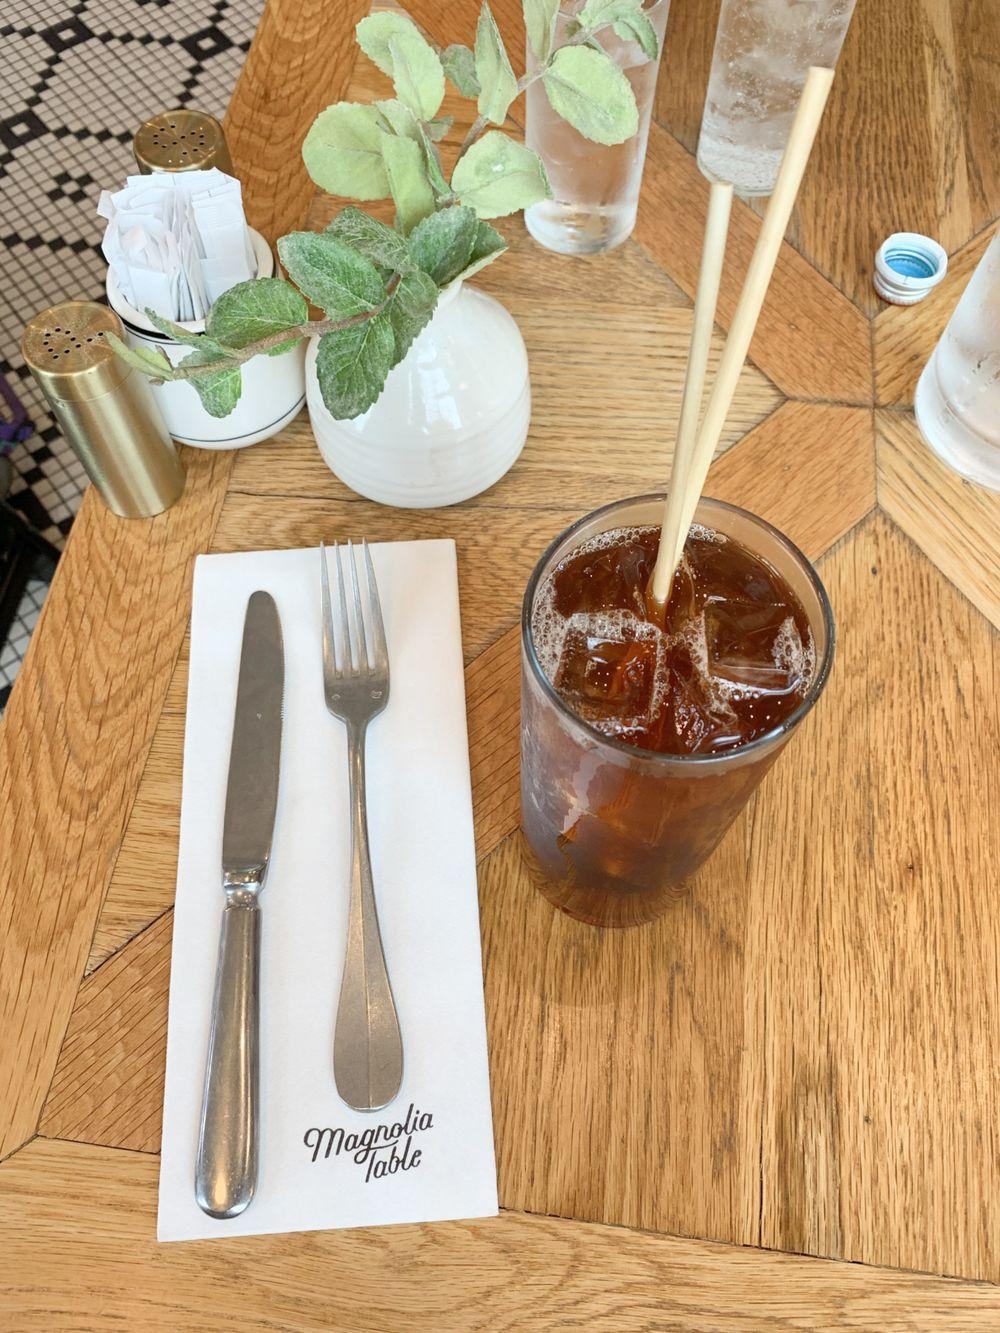 Magnolia Table Sweet Tea